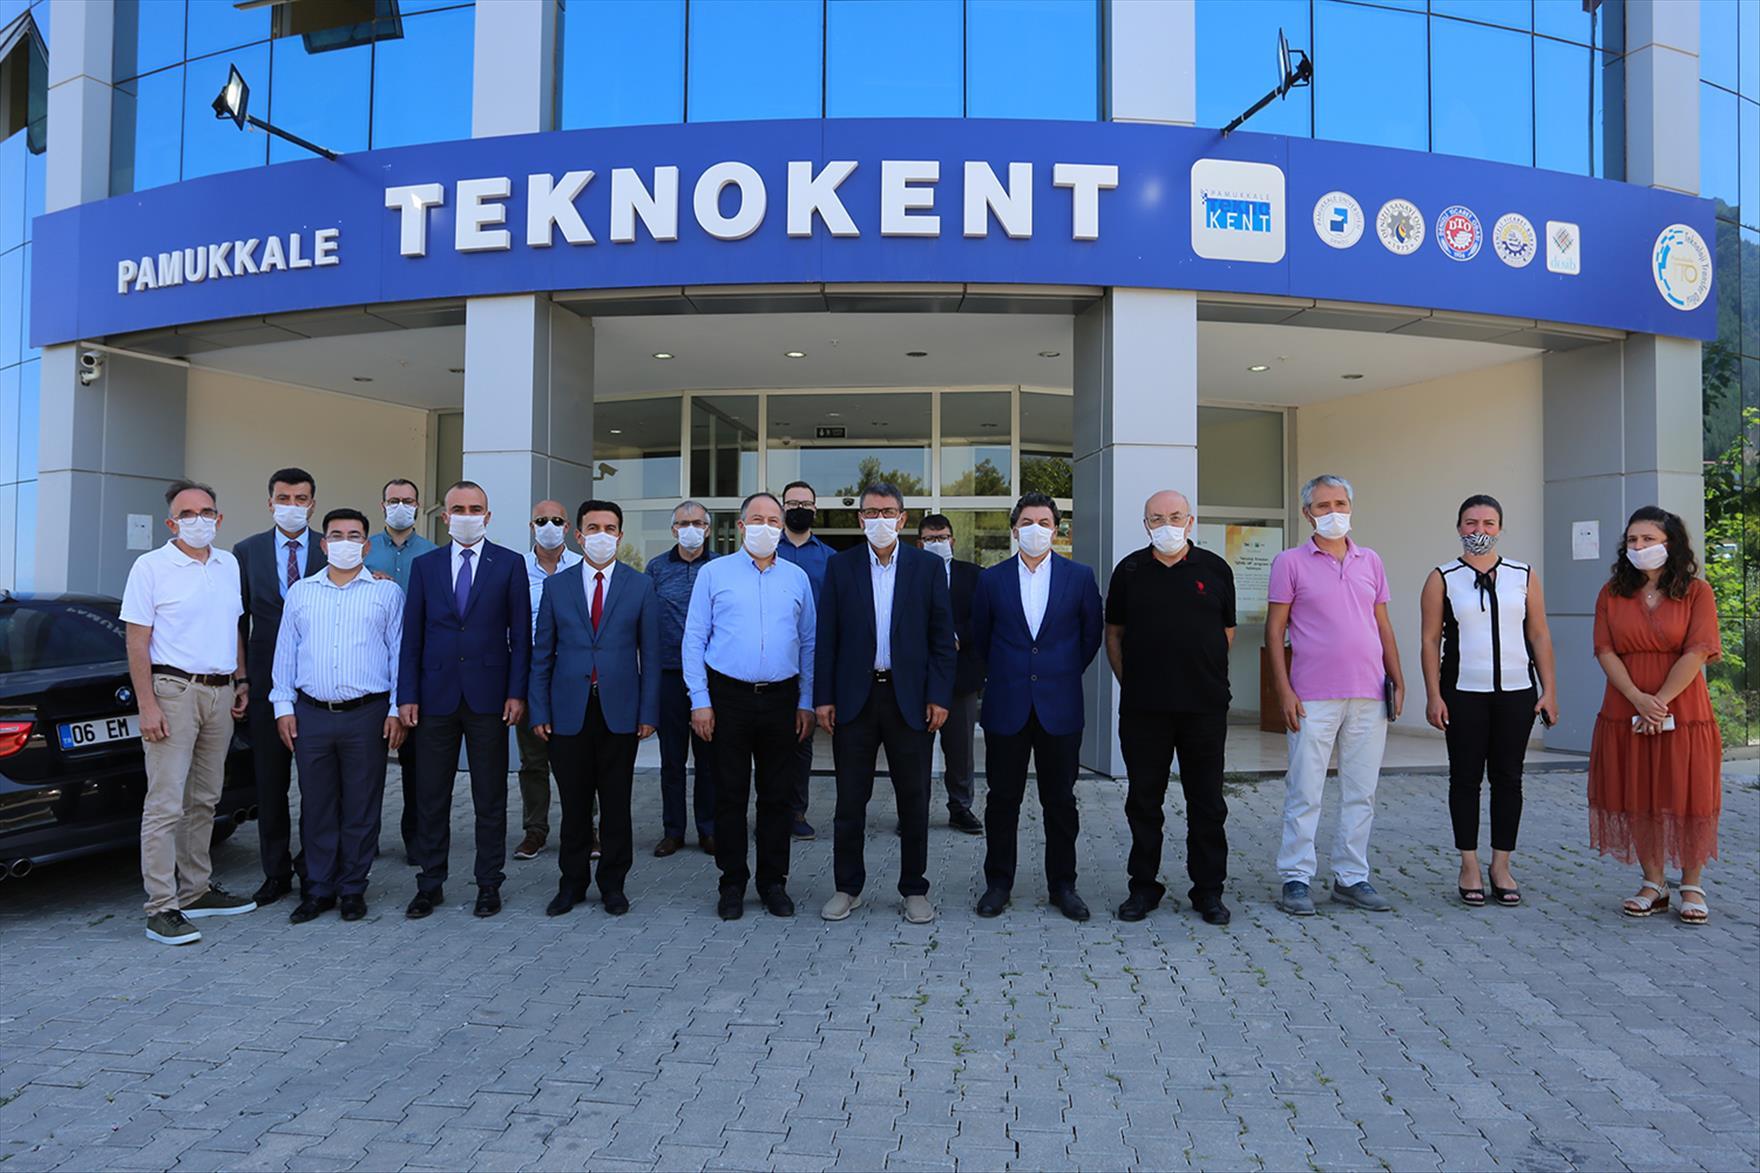 Prof. Dr. Kutluhan, Pamukkale Teknokent'te Bir Dizi İncelemelerde Bulundu